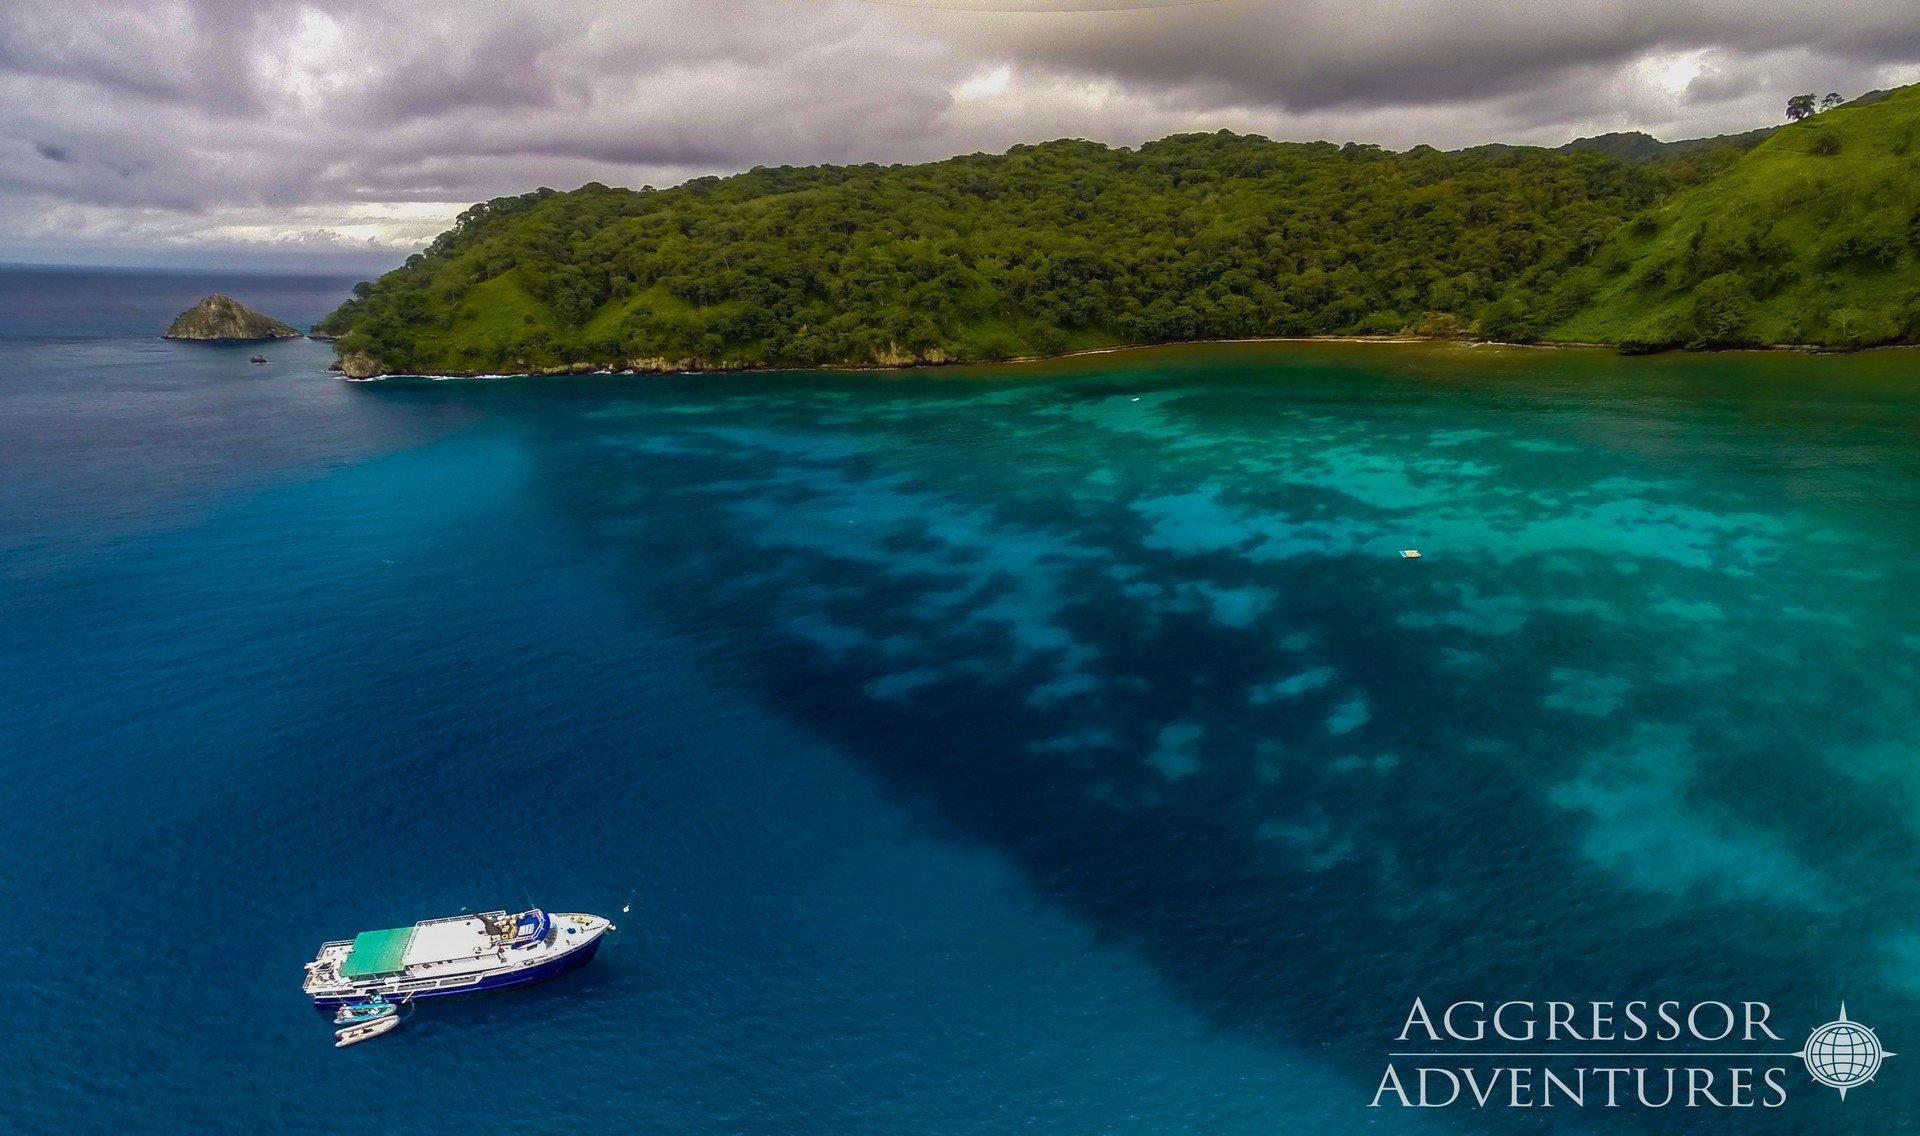 Duikvakantie Cocos Island Agressor